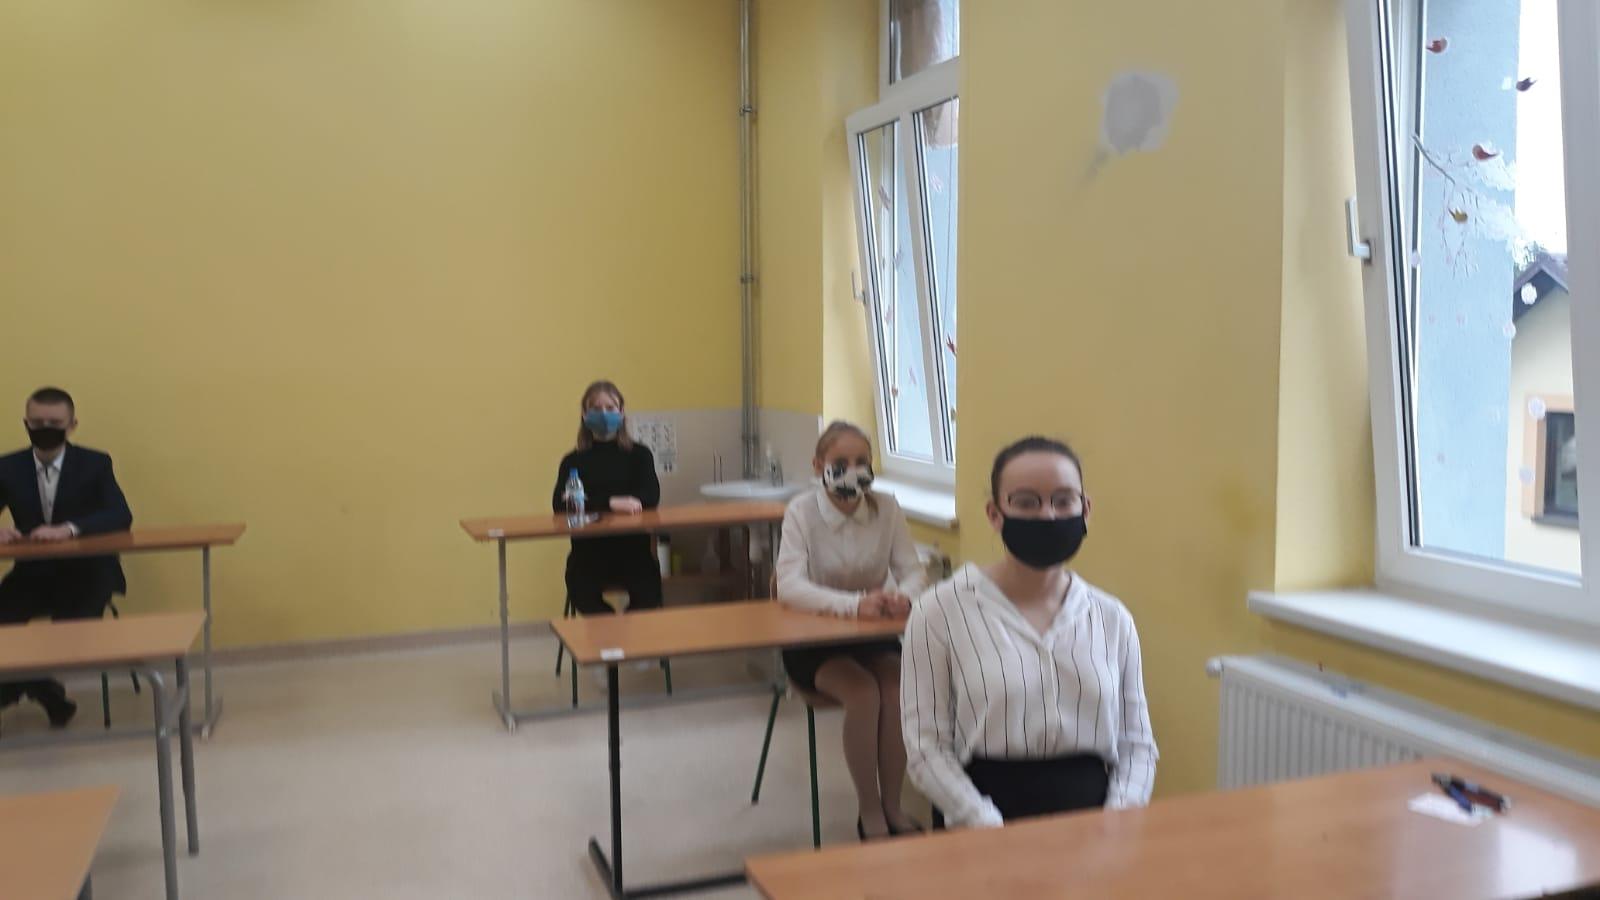 images/Galeria/egzaminosmaki20/IMG-20200617-WA0014